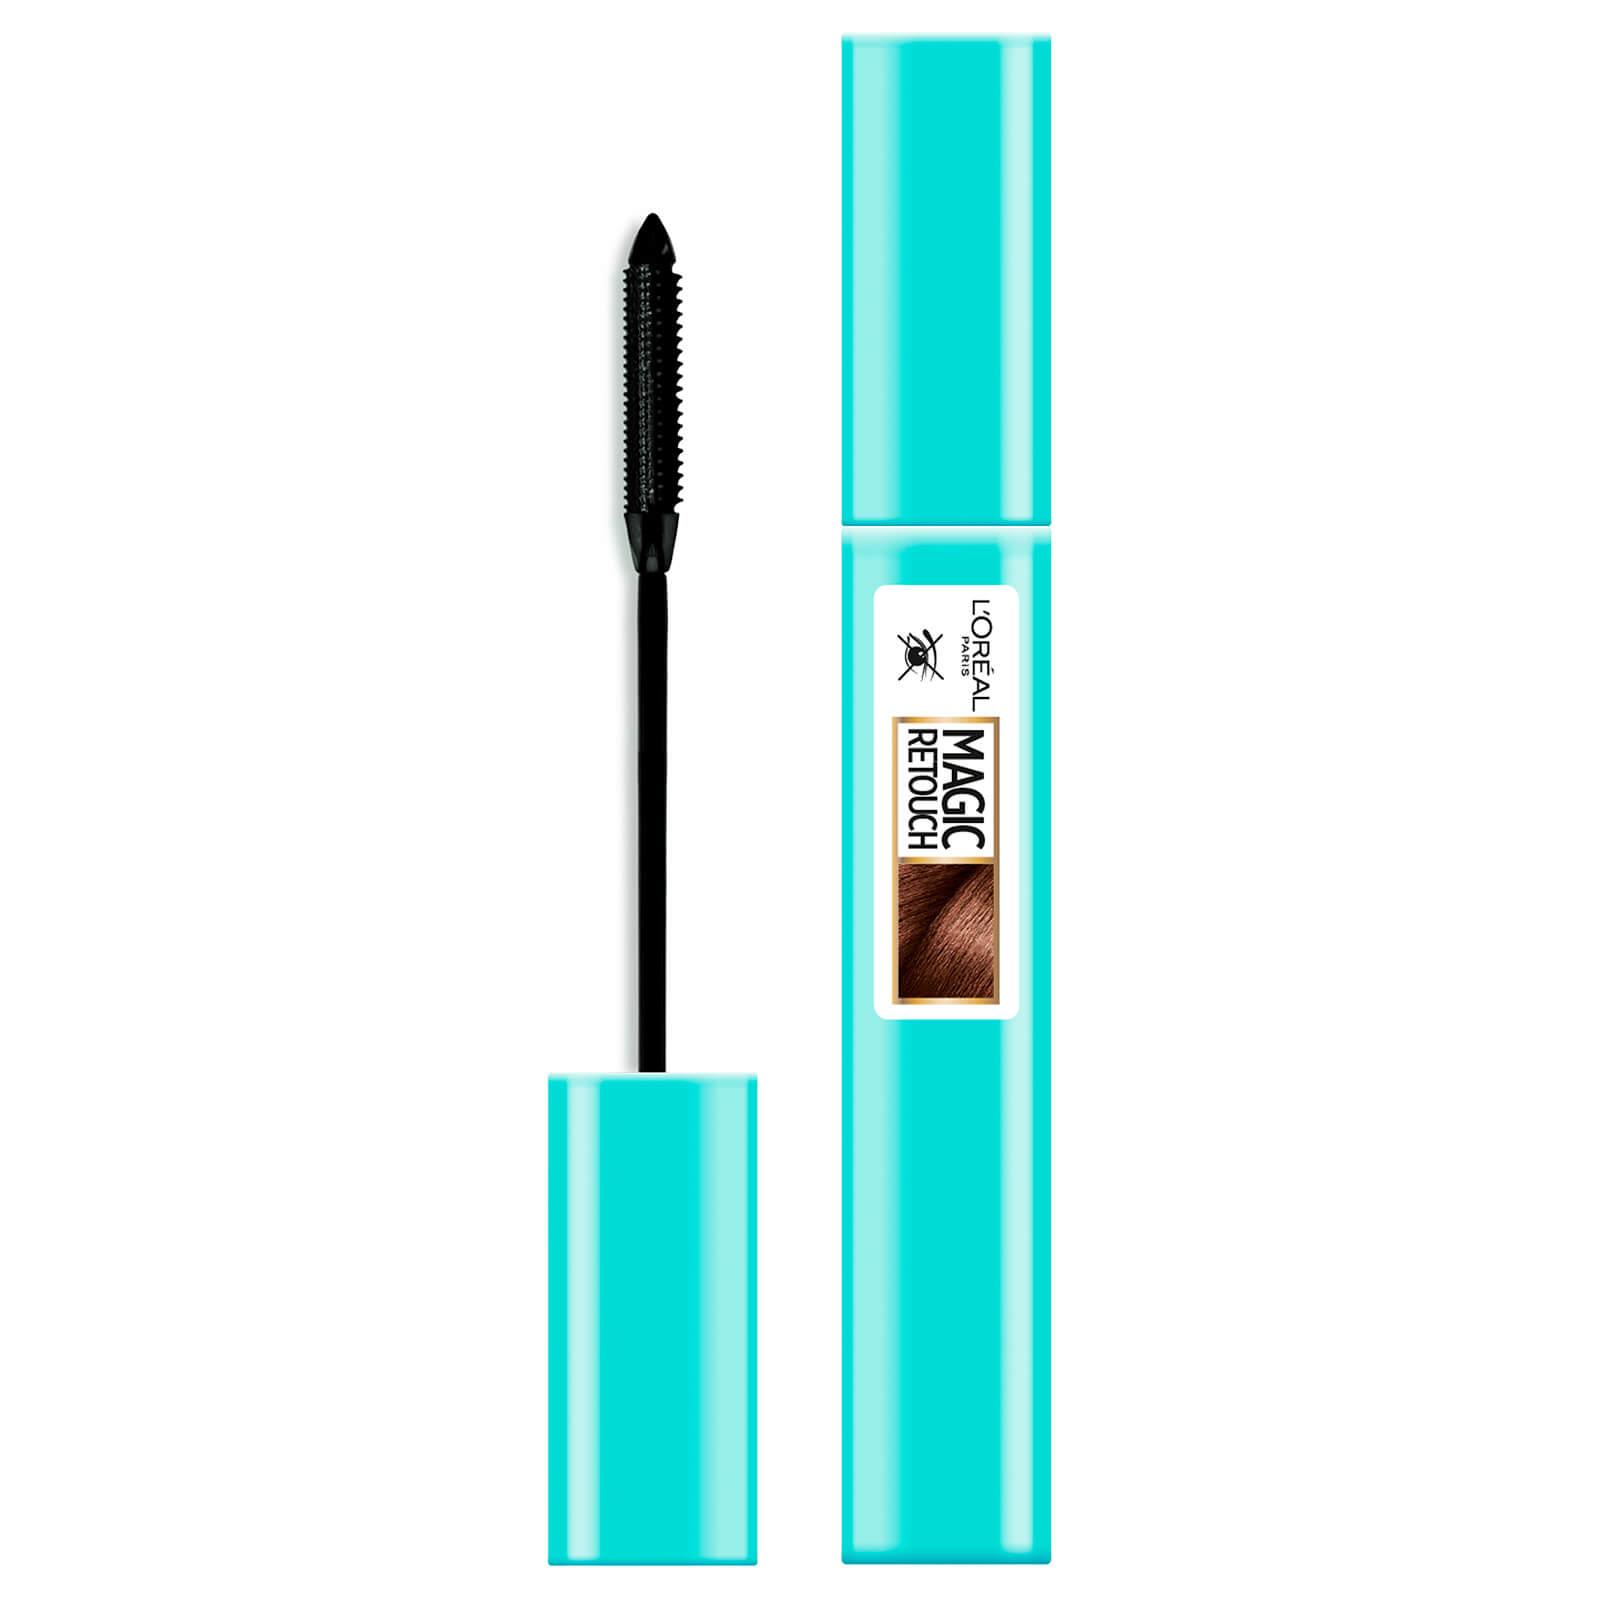 L'Oréal Paris Magic Retouch Precision Instant Grey Concealer Brush (Various Shades) - Brown